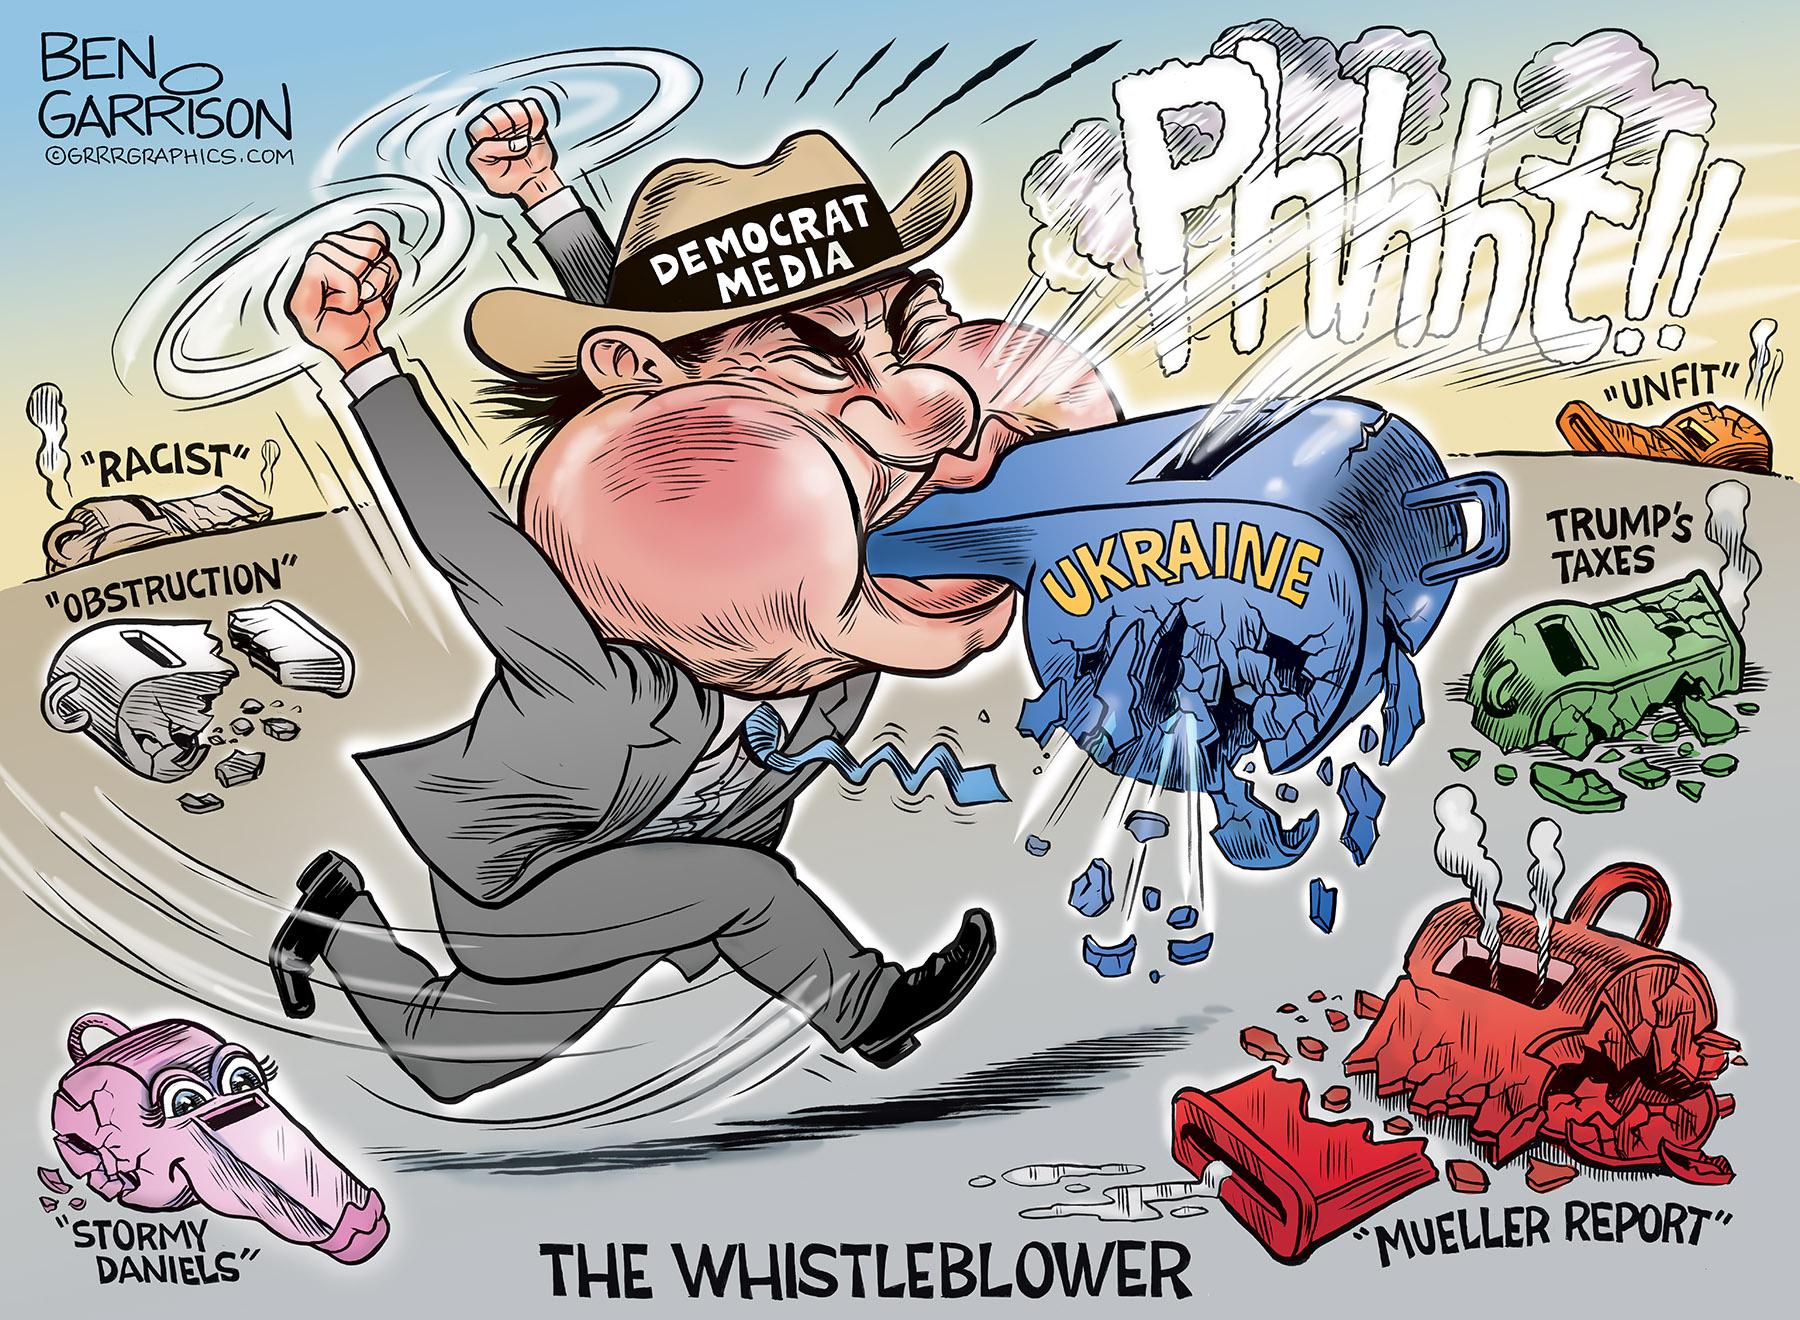 democrat_whistleblower.jpg